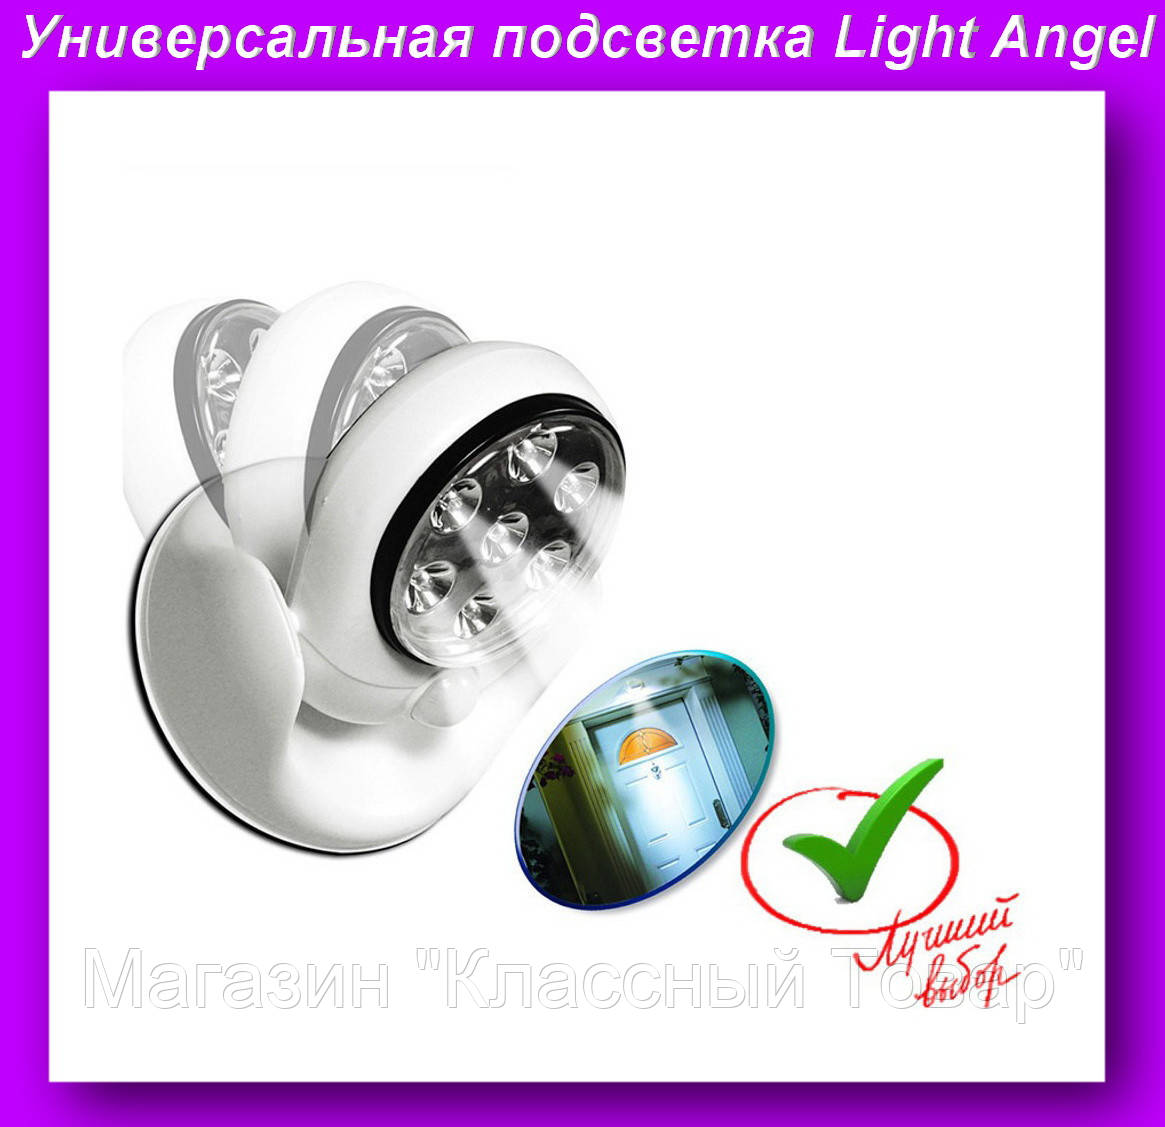 Универсальная подсветка Light Angel,Сенсорный светильник на батарейках! Лучший подарок